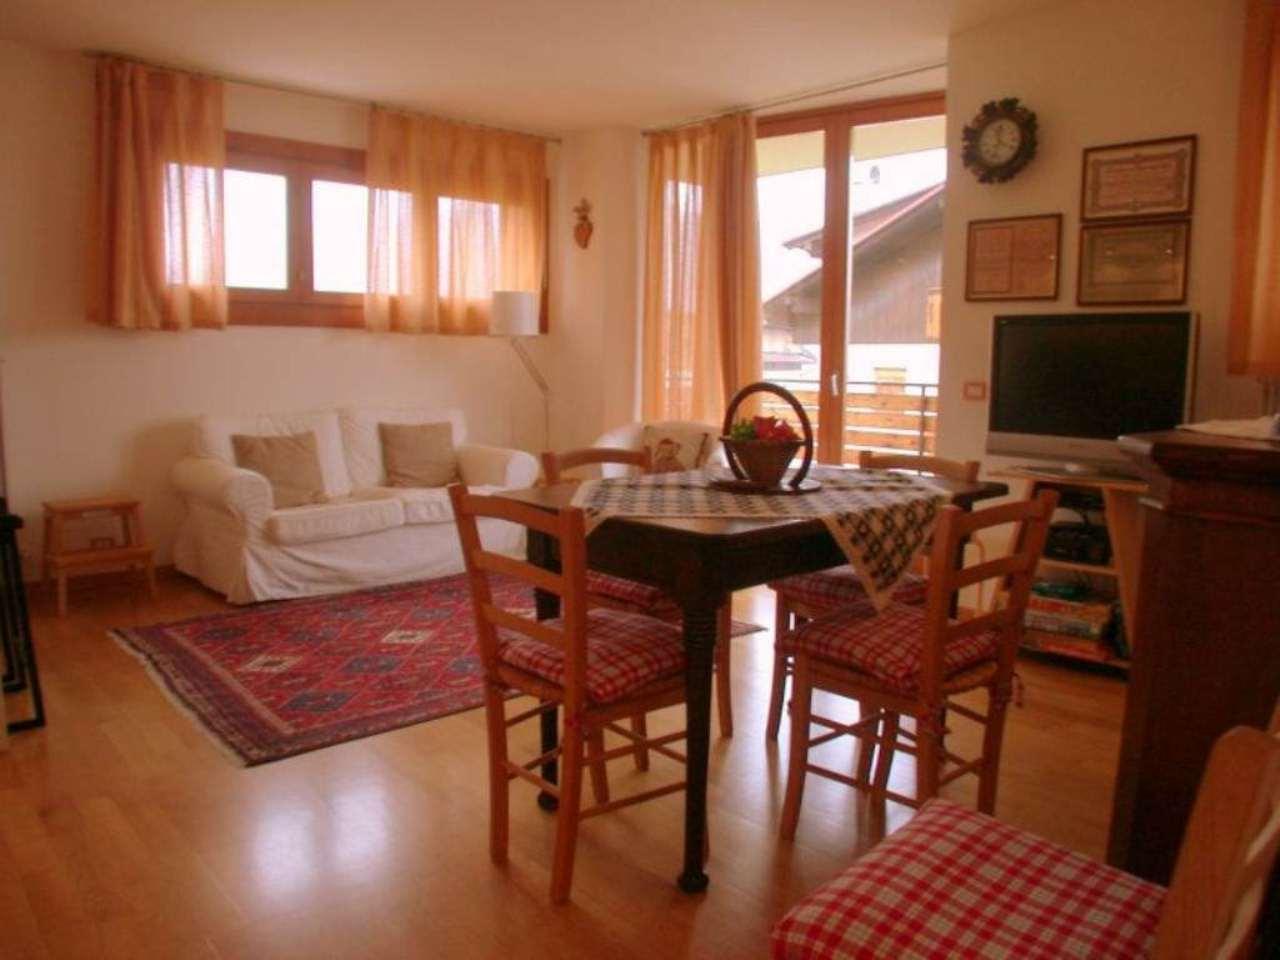 Appartamento in vendita a Lorenzago di Cadore, 3 locali, prezzo € 145.000 | Cambio Casa.it